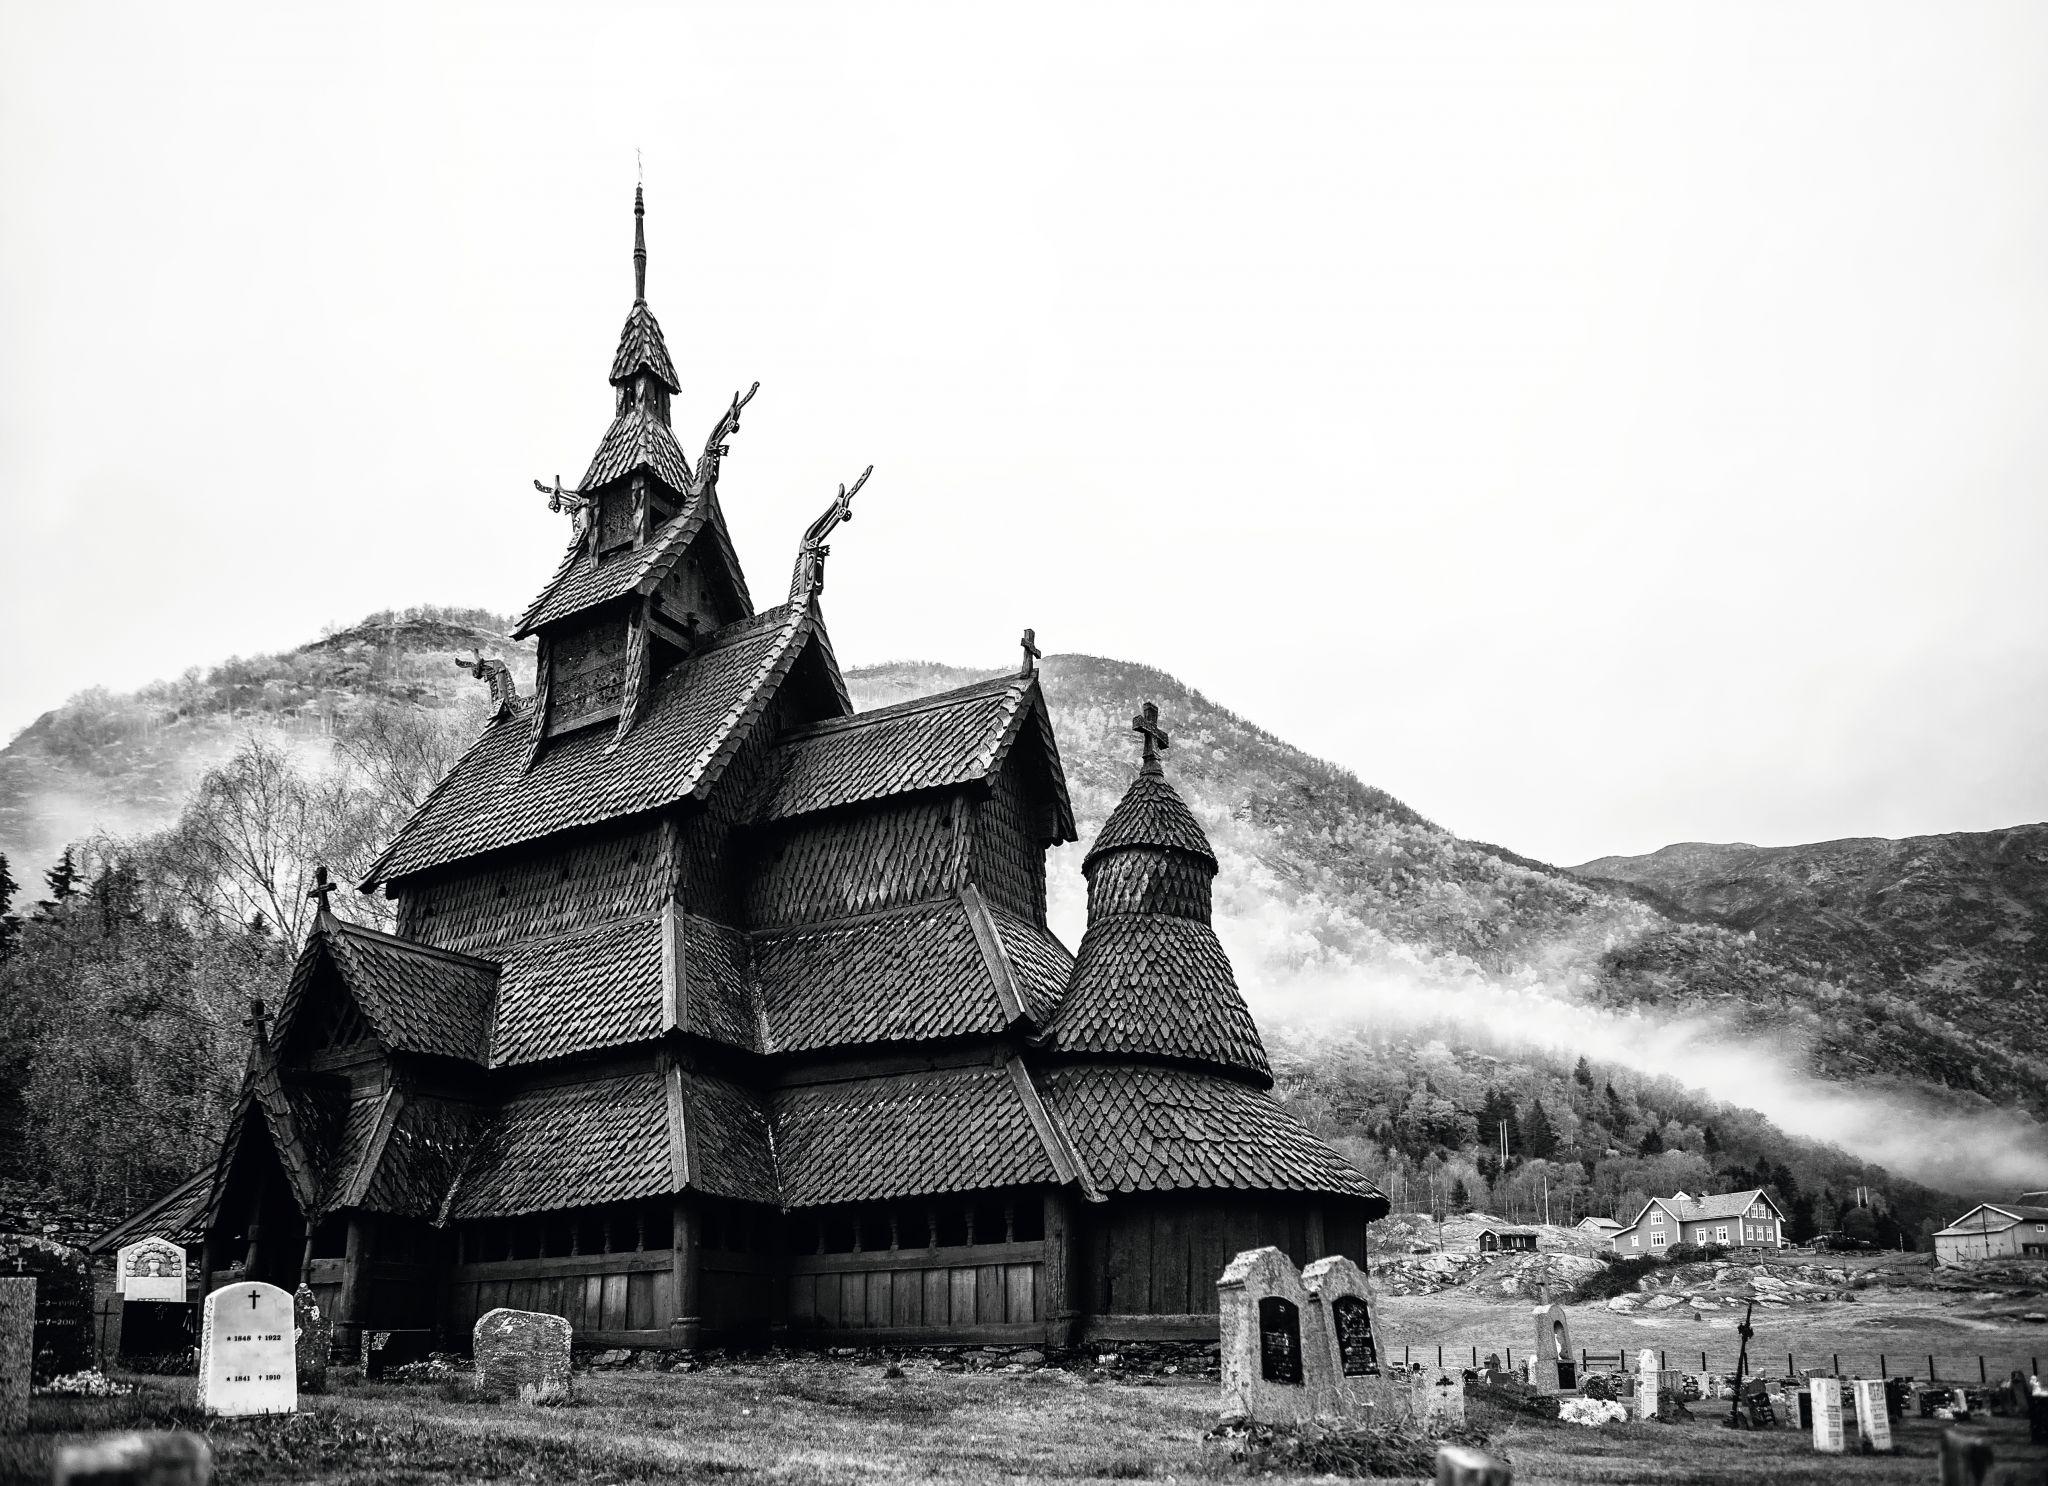 Stavkirke Borgund, Norway